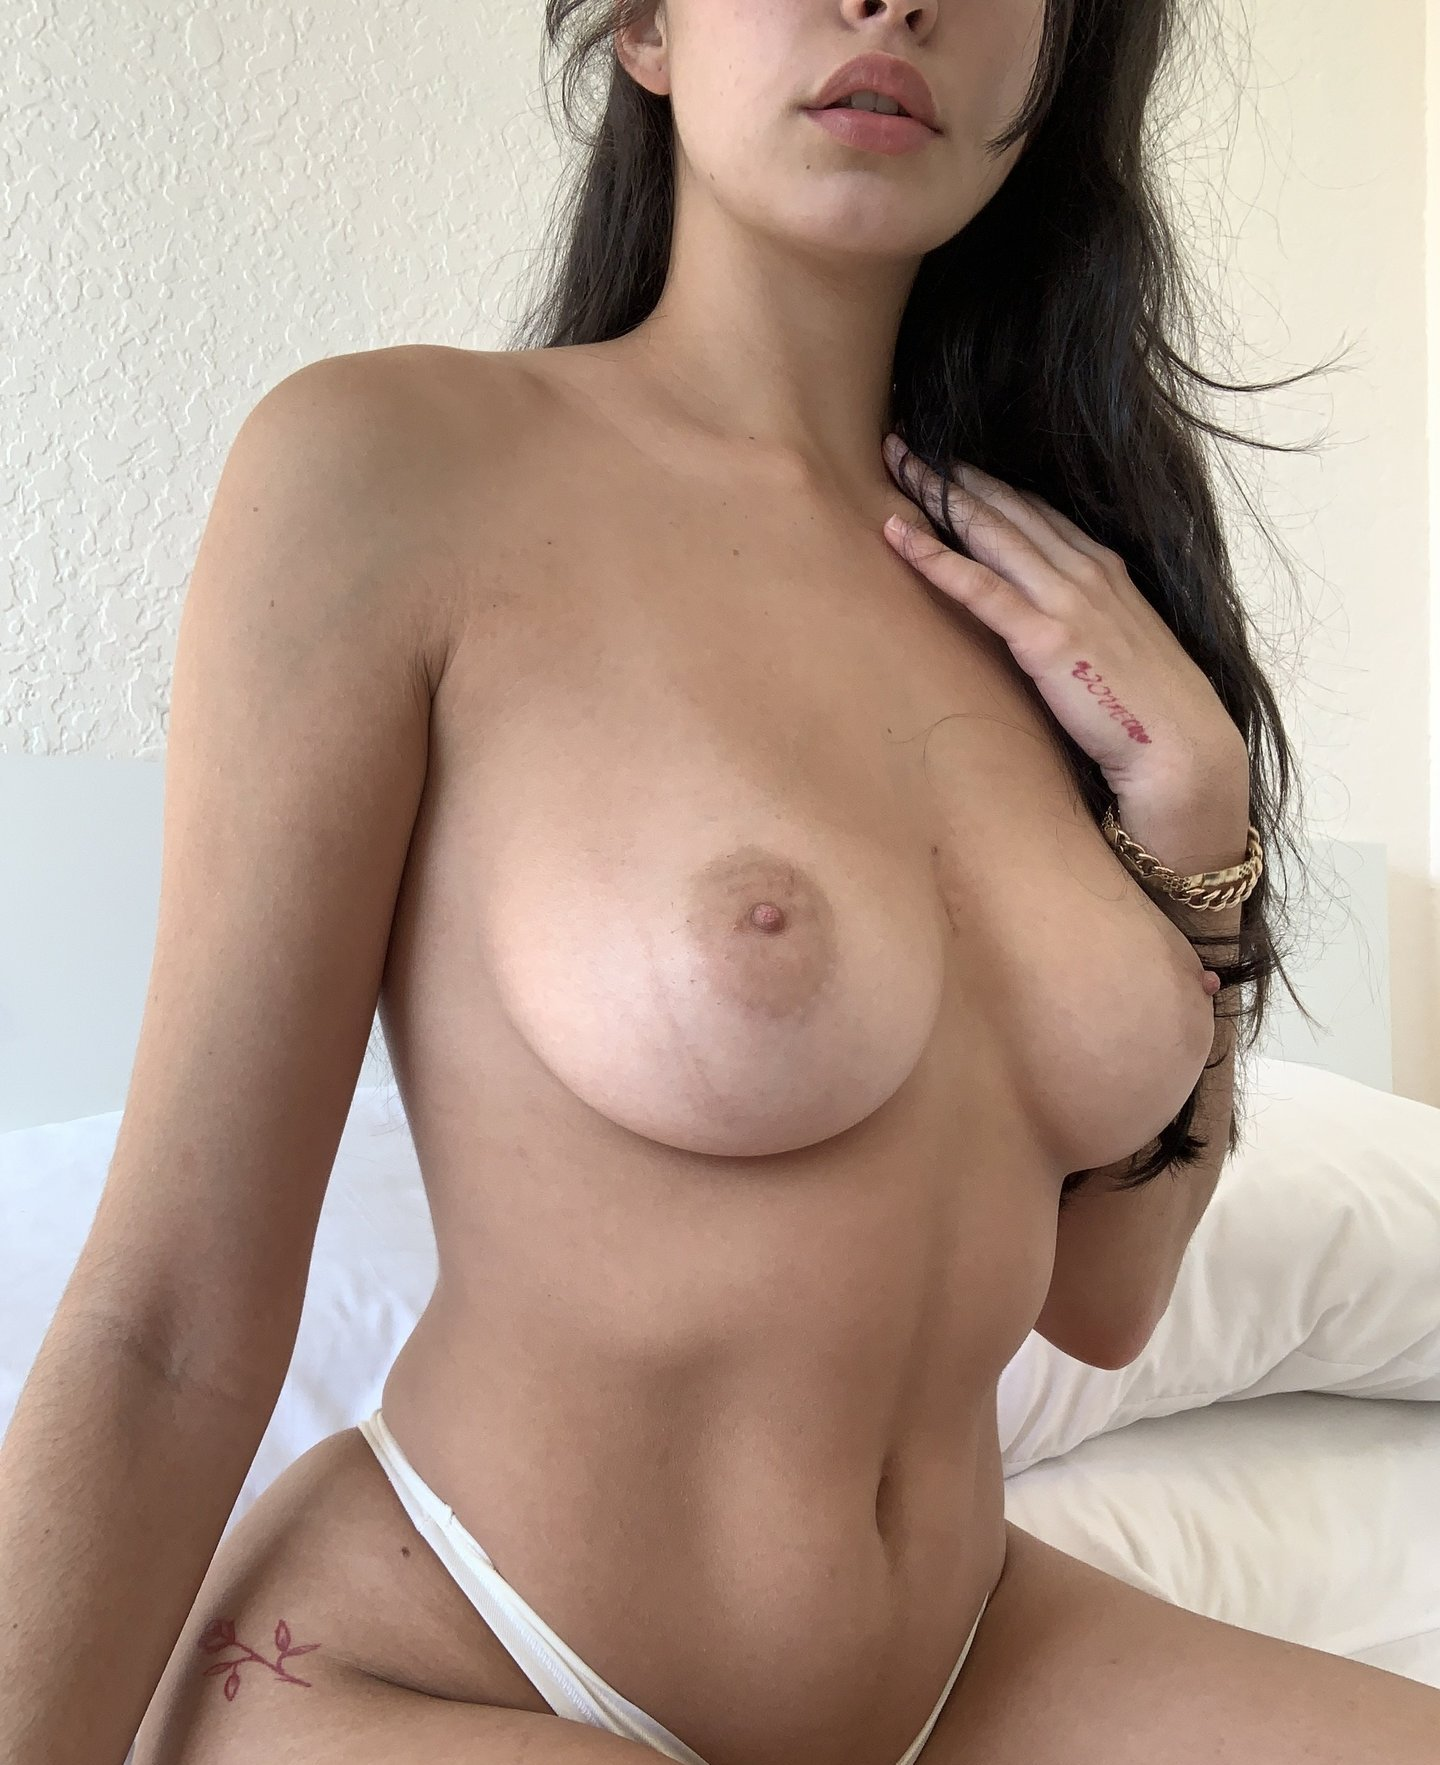 Cheekie Onlyfans Nude Leaks 0001